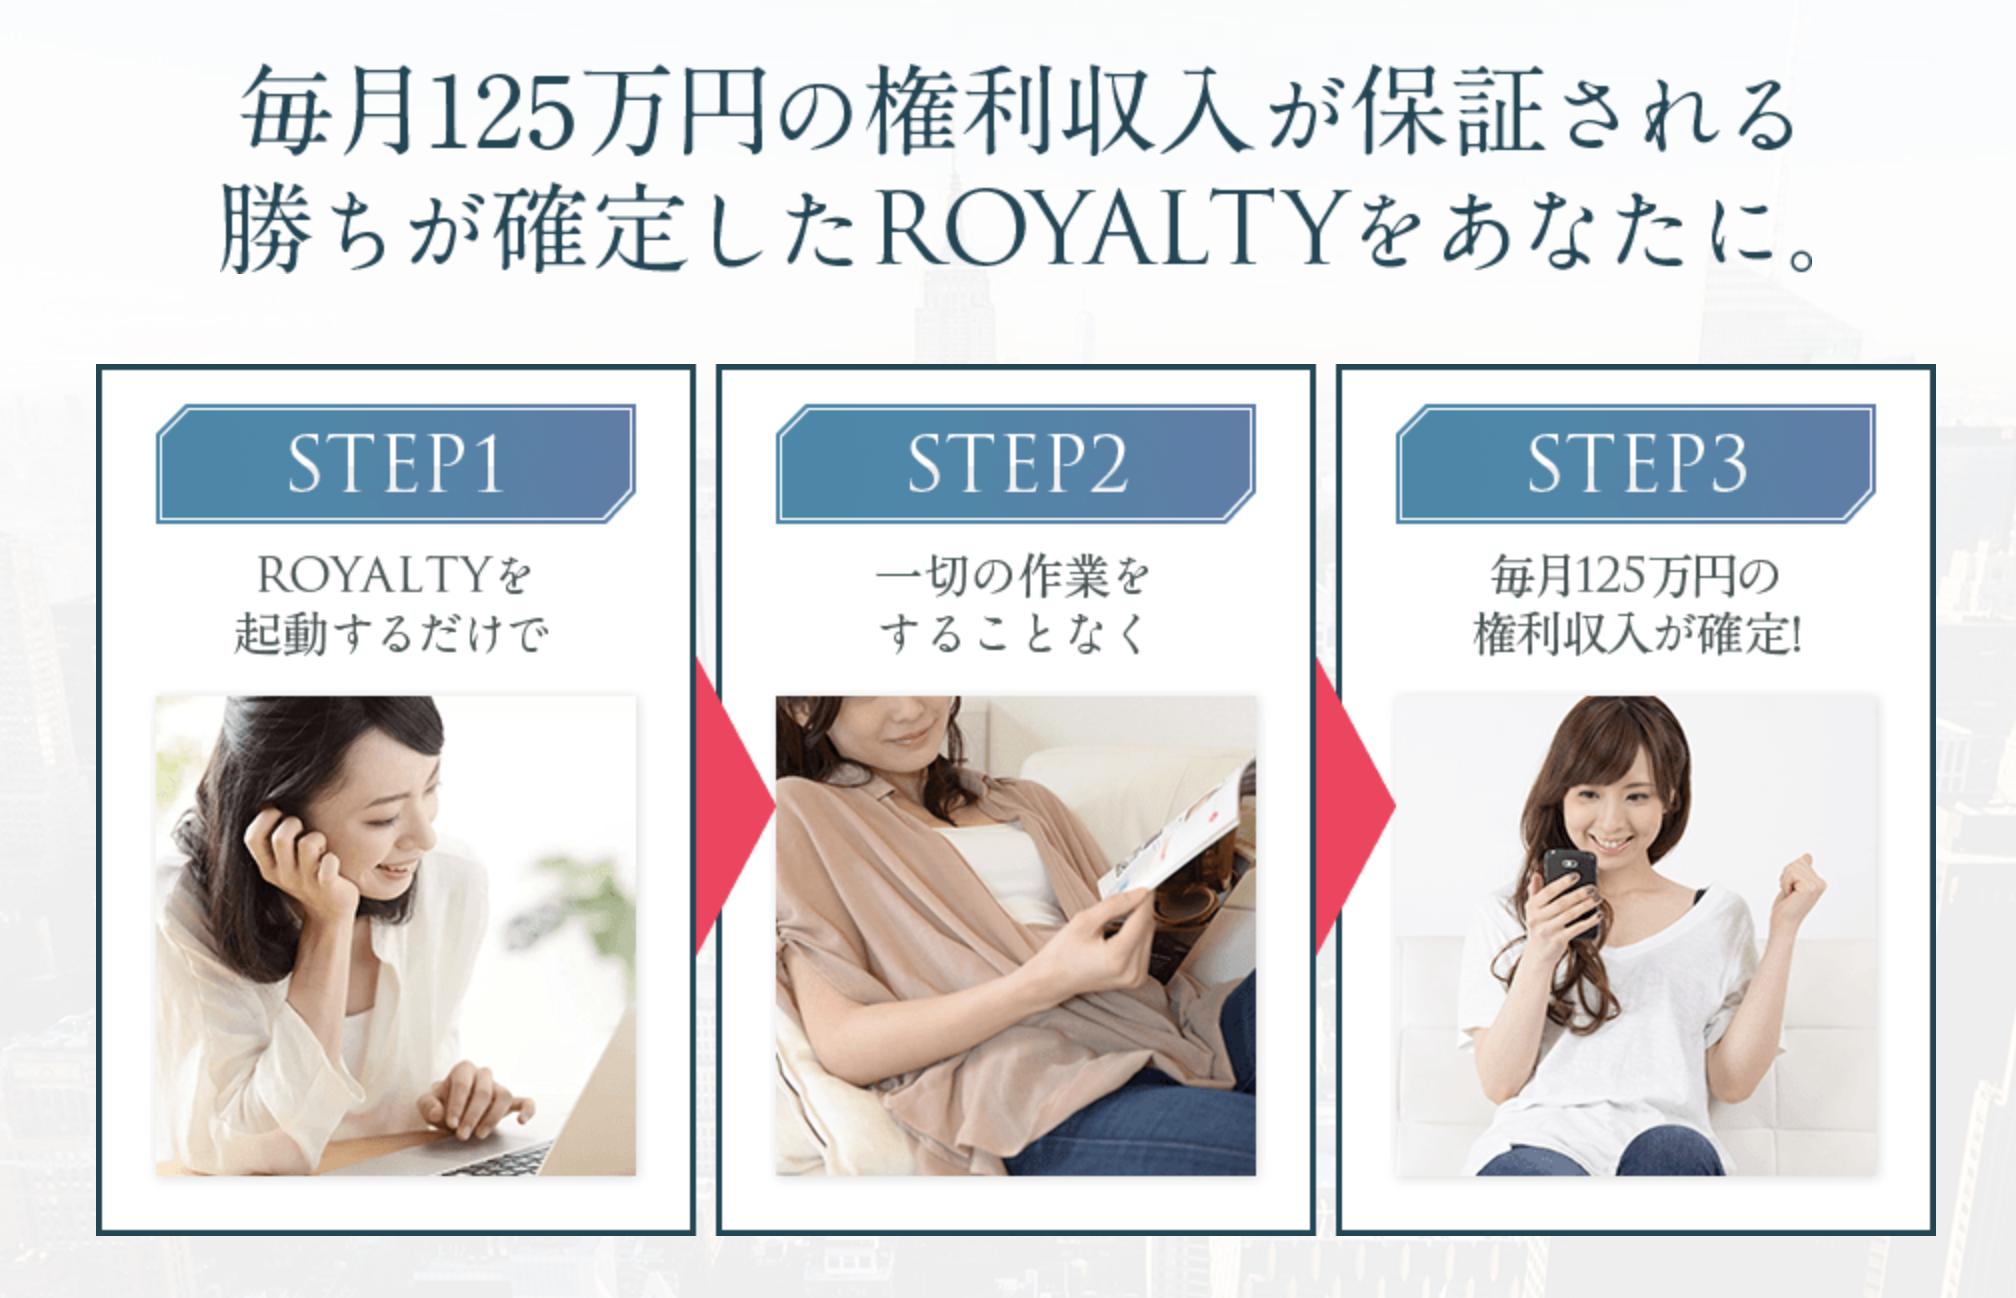 安藤誠のTHE ROYAL(ロイヤル)手順